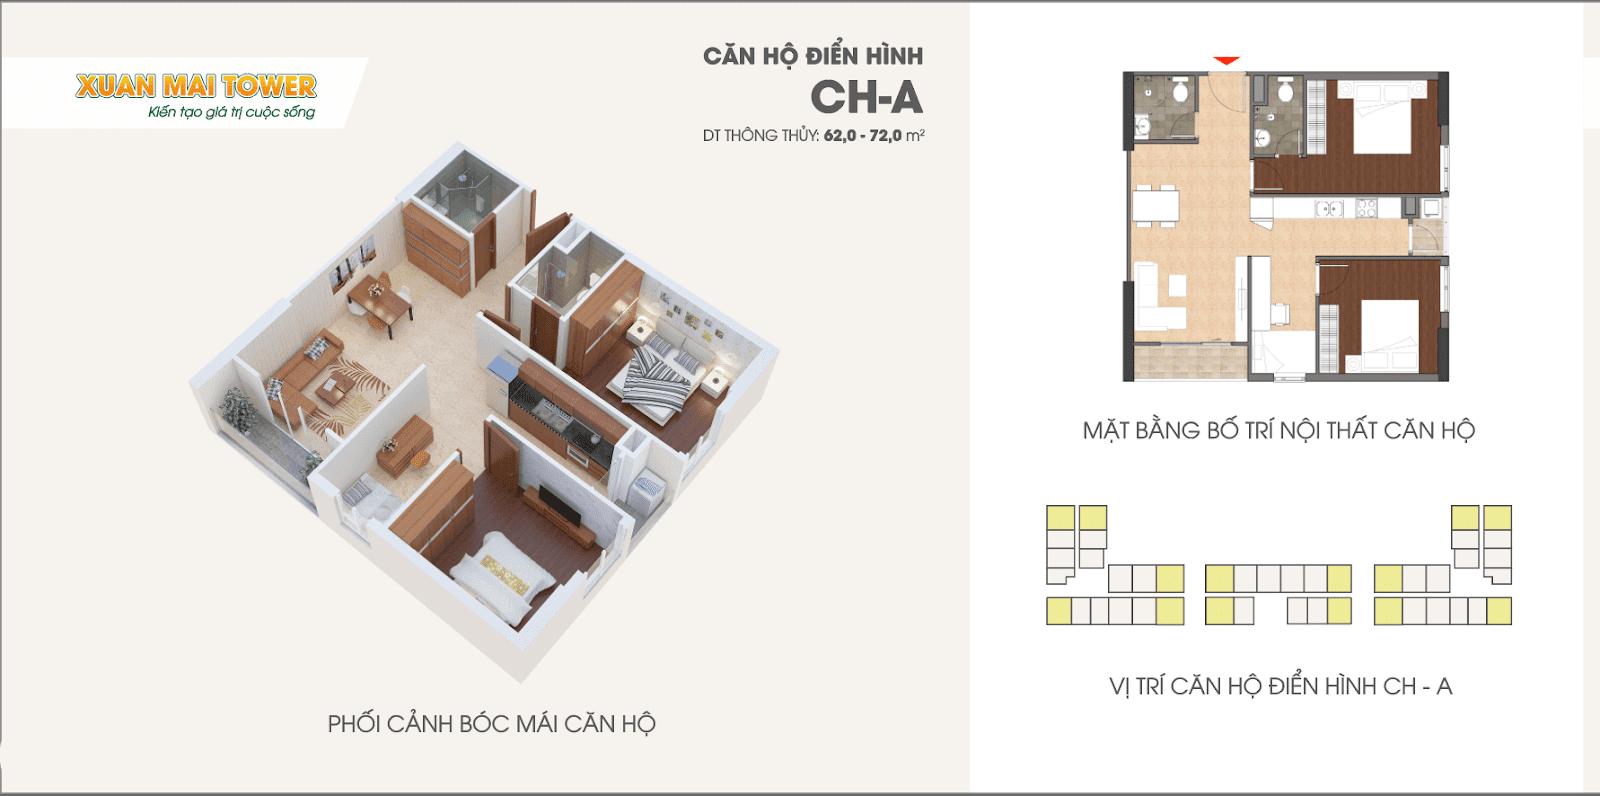 Mặt bằng căn hộ điển hình A dự án Xuân Mai Tower